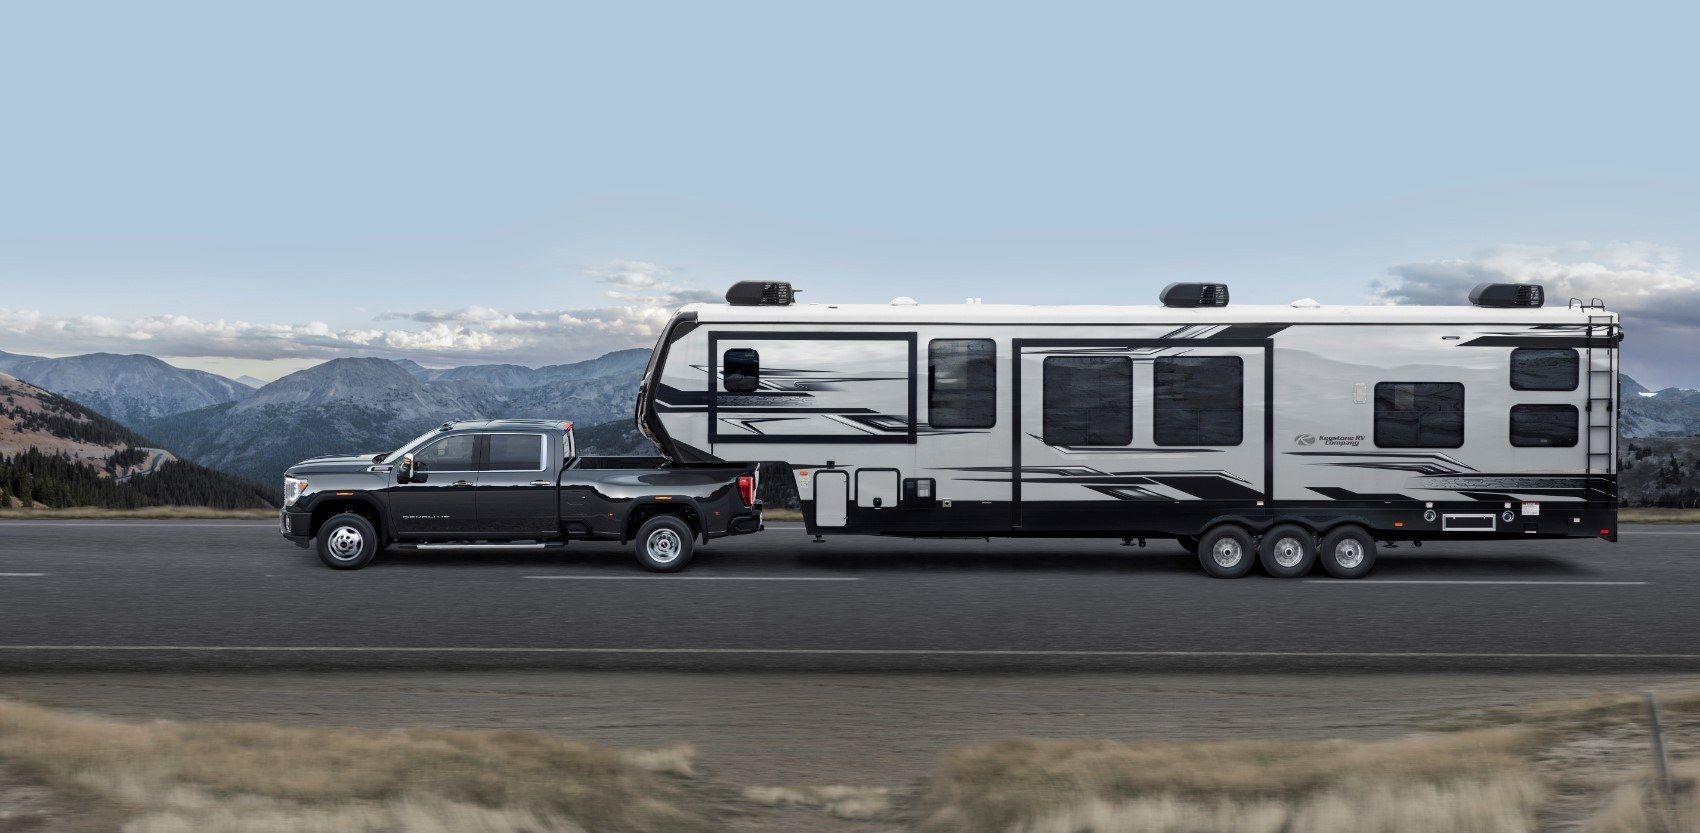 2020 Gmc Sierra Hd New Towing Tech An Allison Upgrade Gmc Sierra Gmc Denali Truck